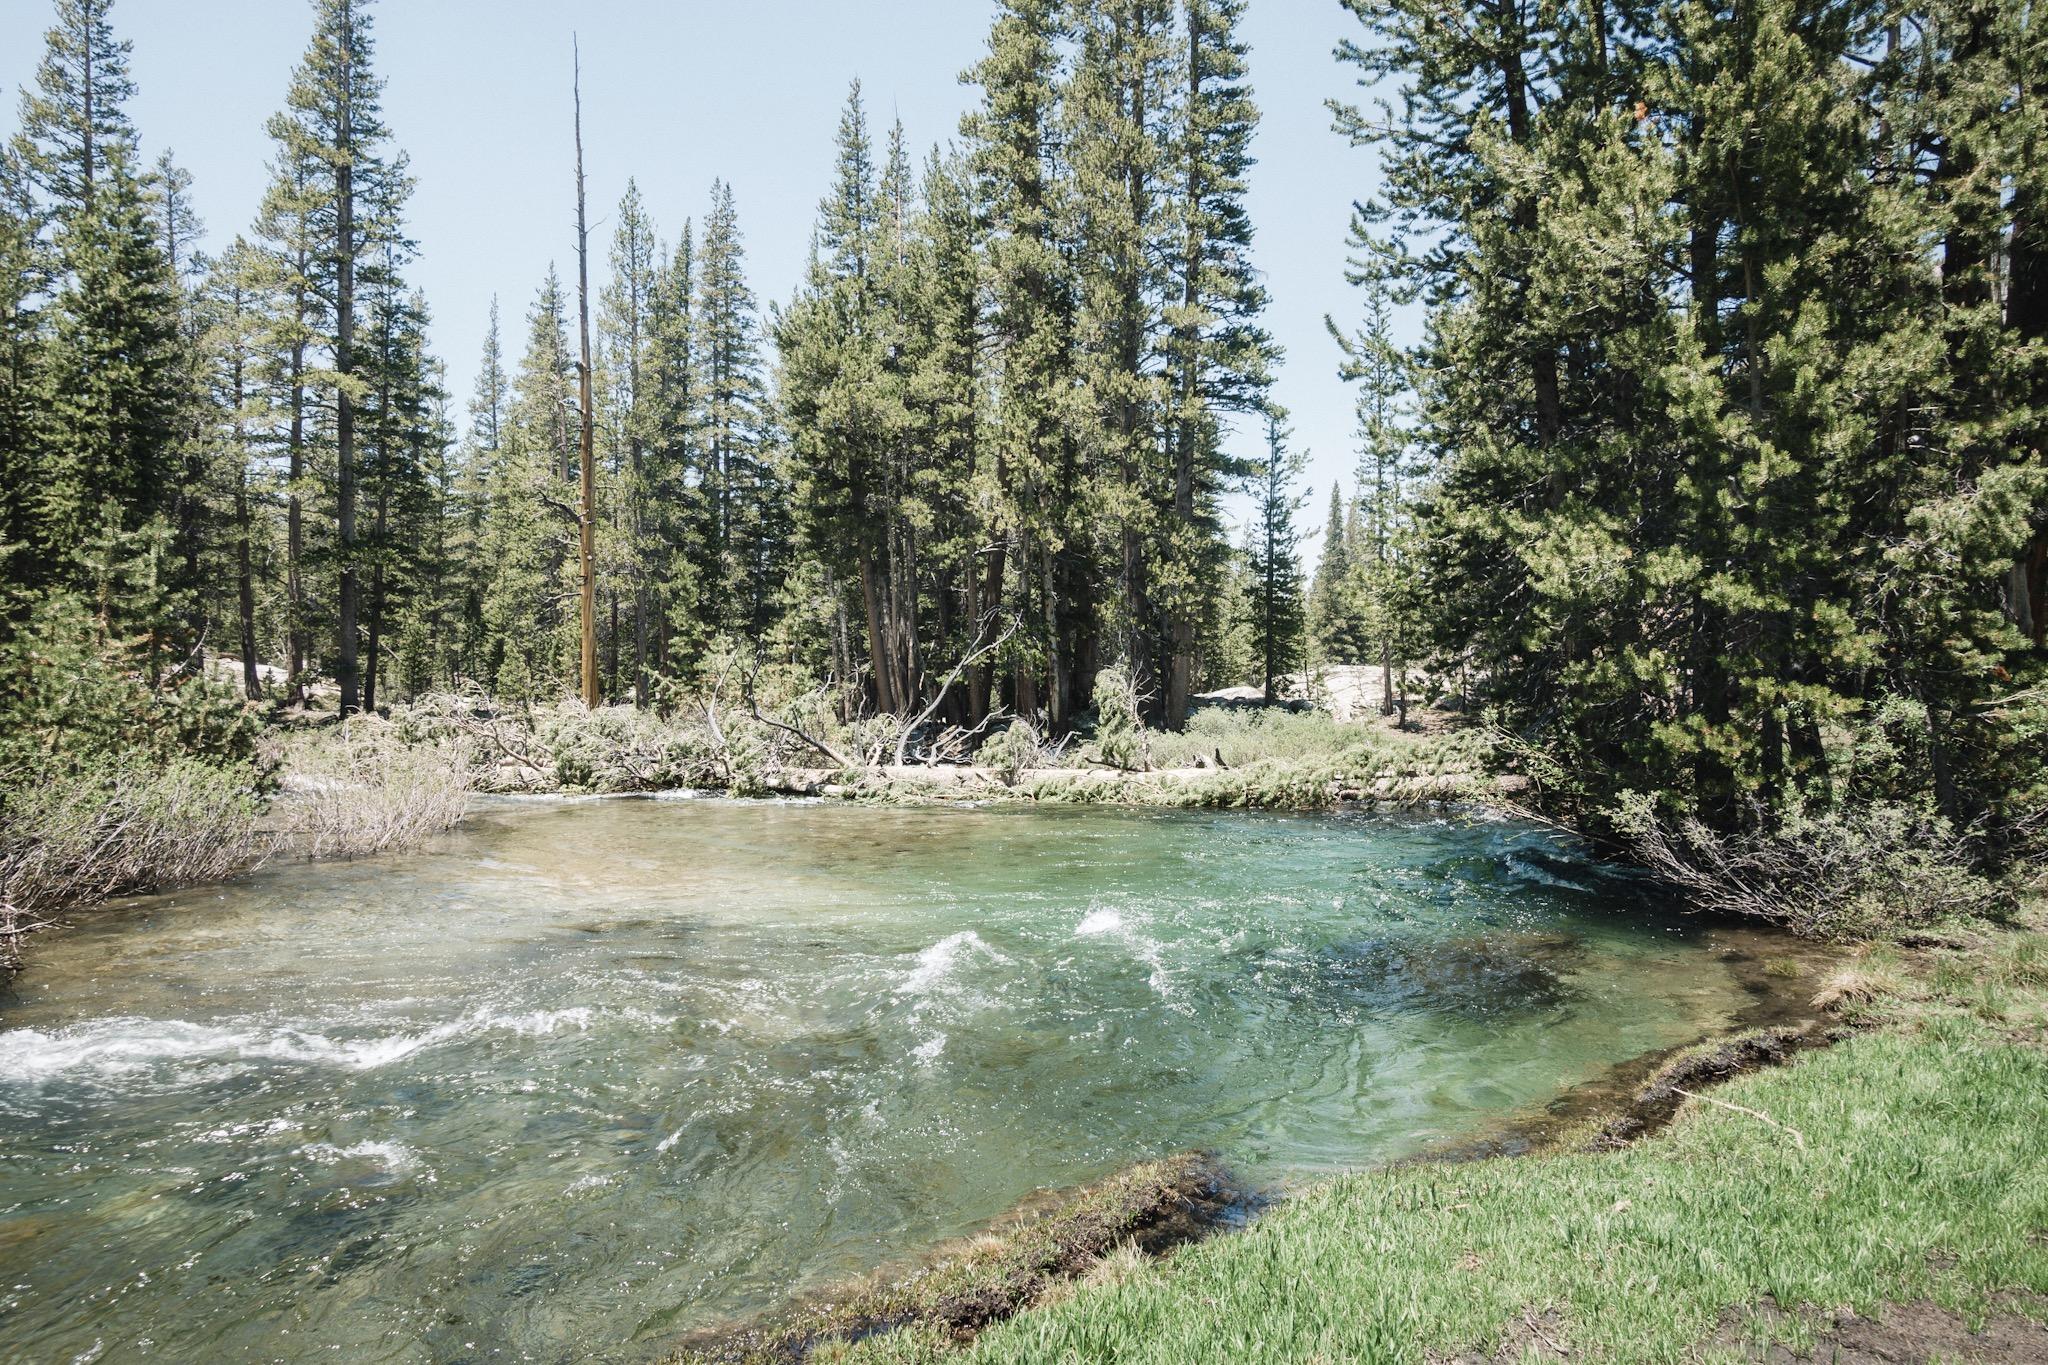 The fallen tree across part of the Bear Creek.